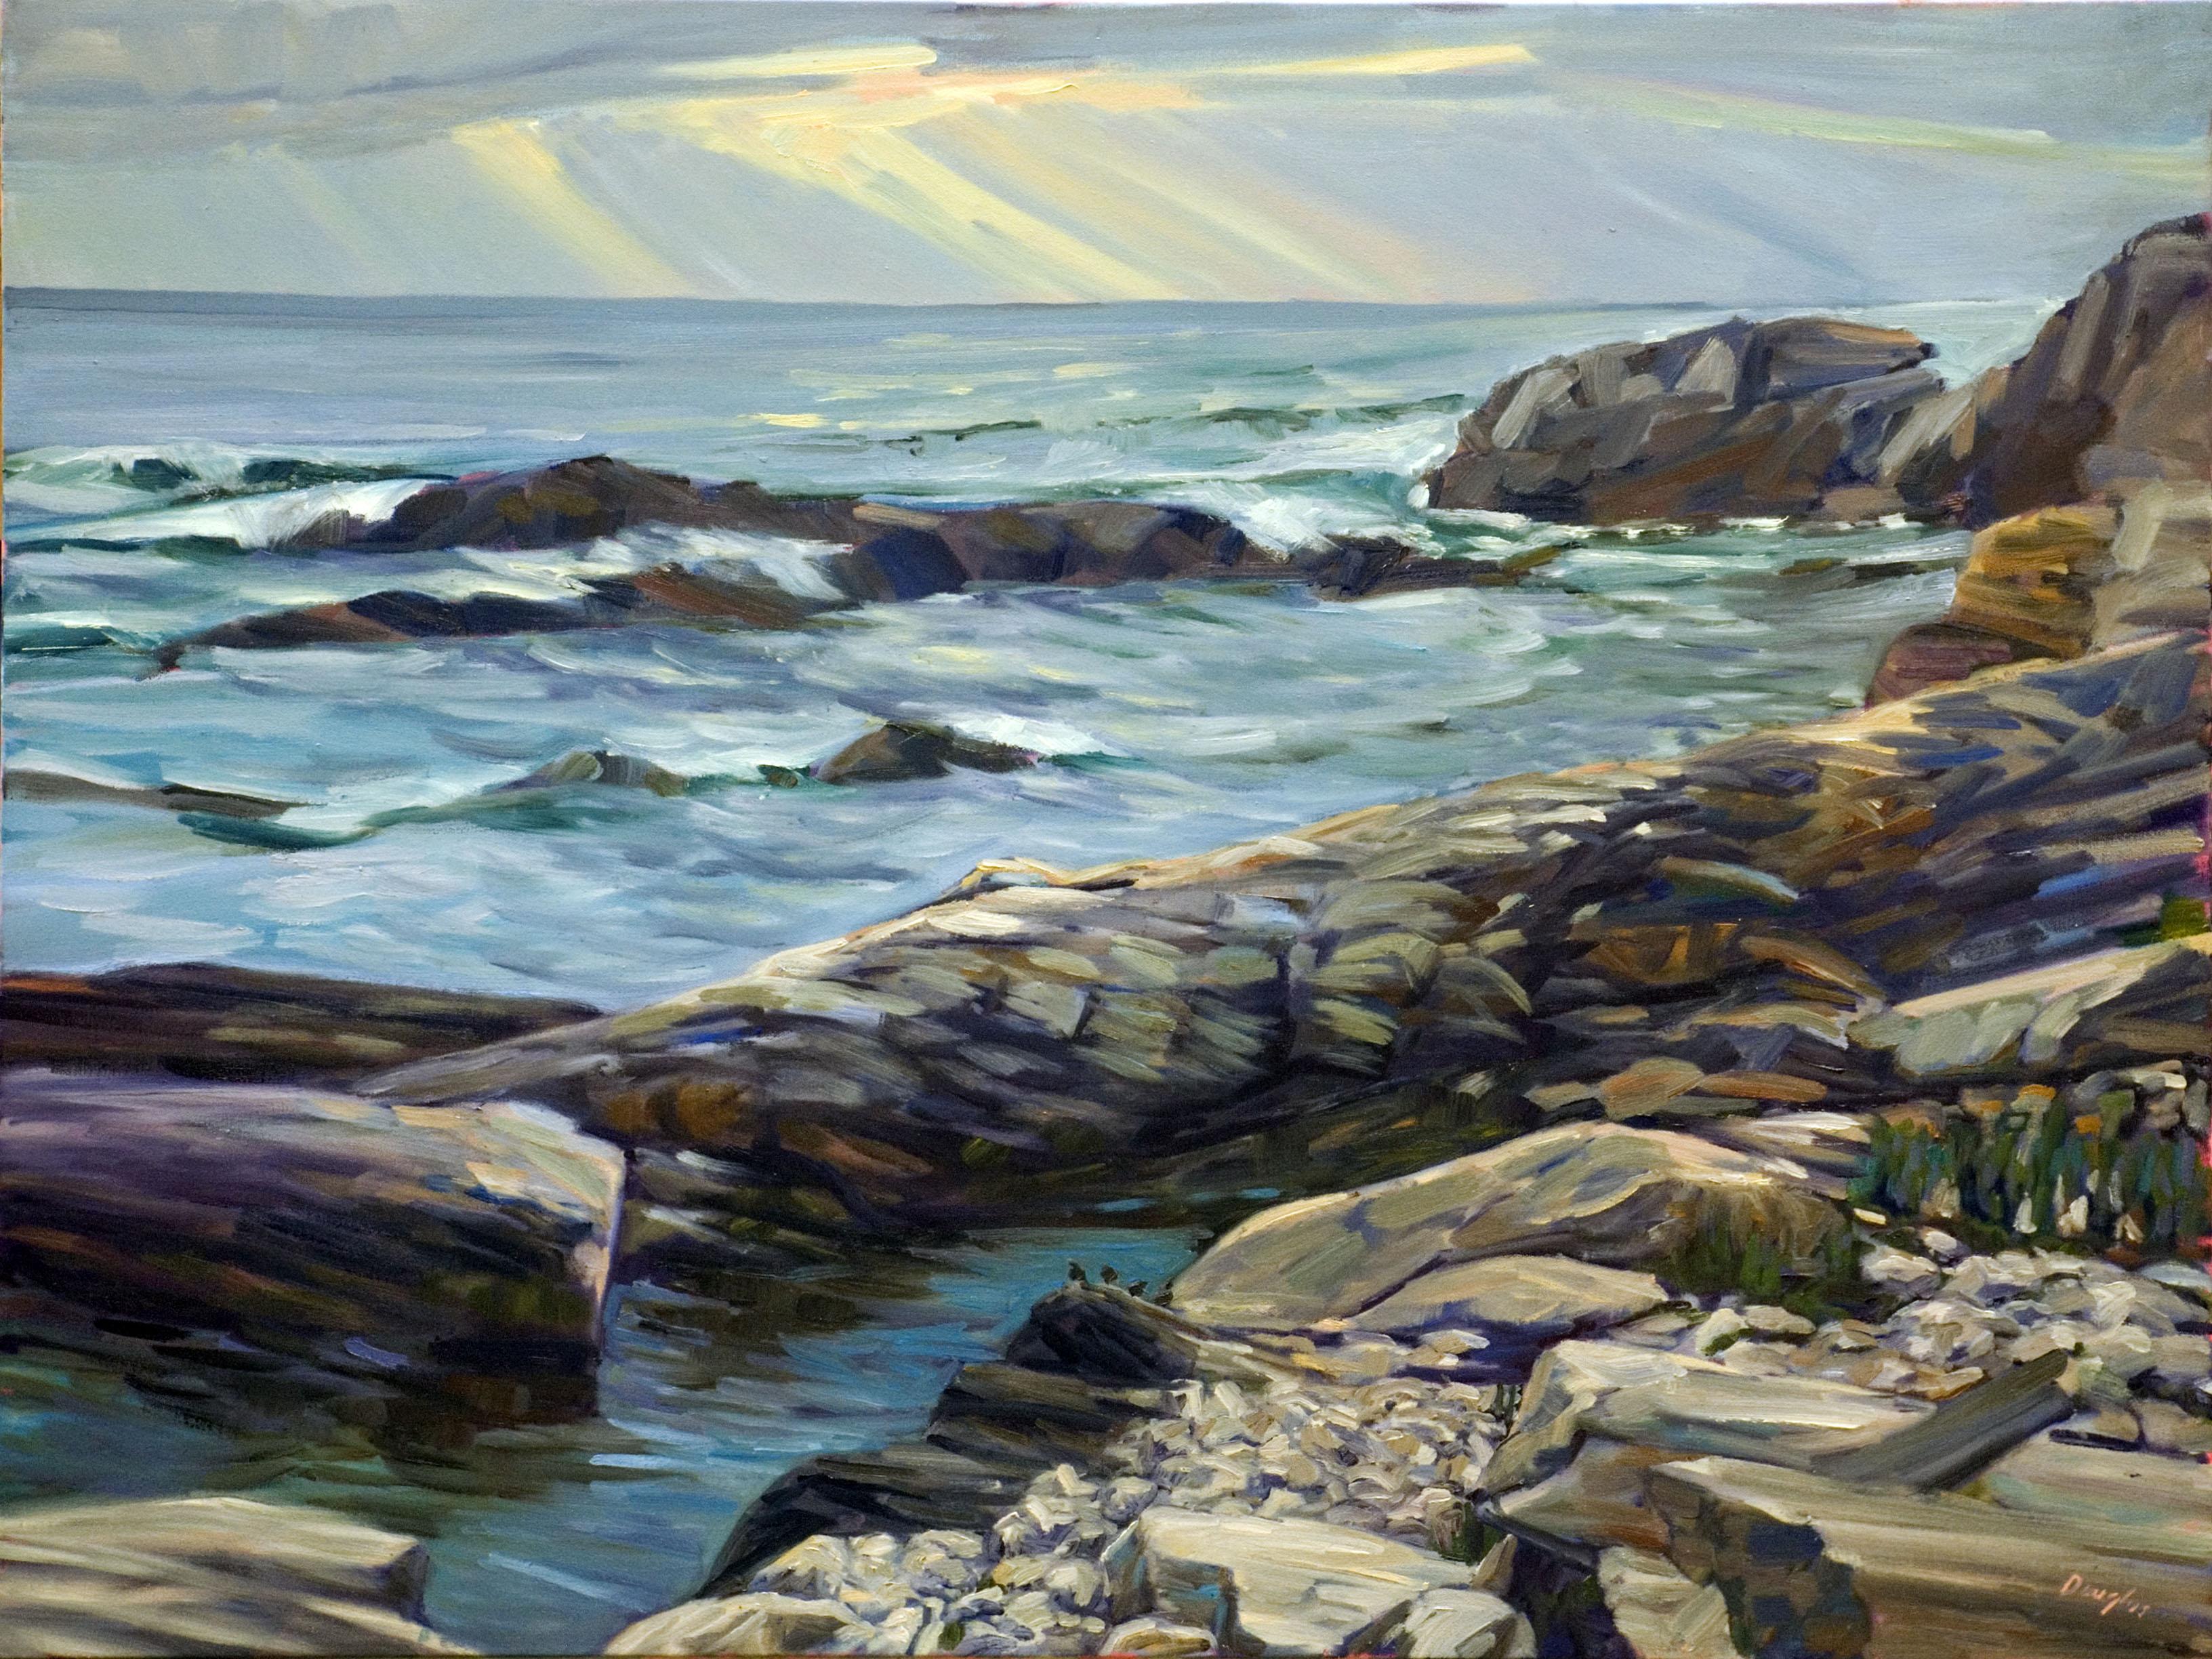 Four Ducks, Cape Elizabeth Paint for Preservation